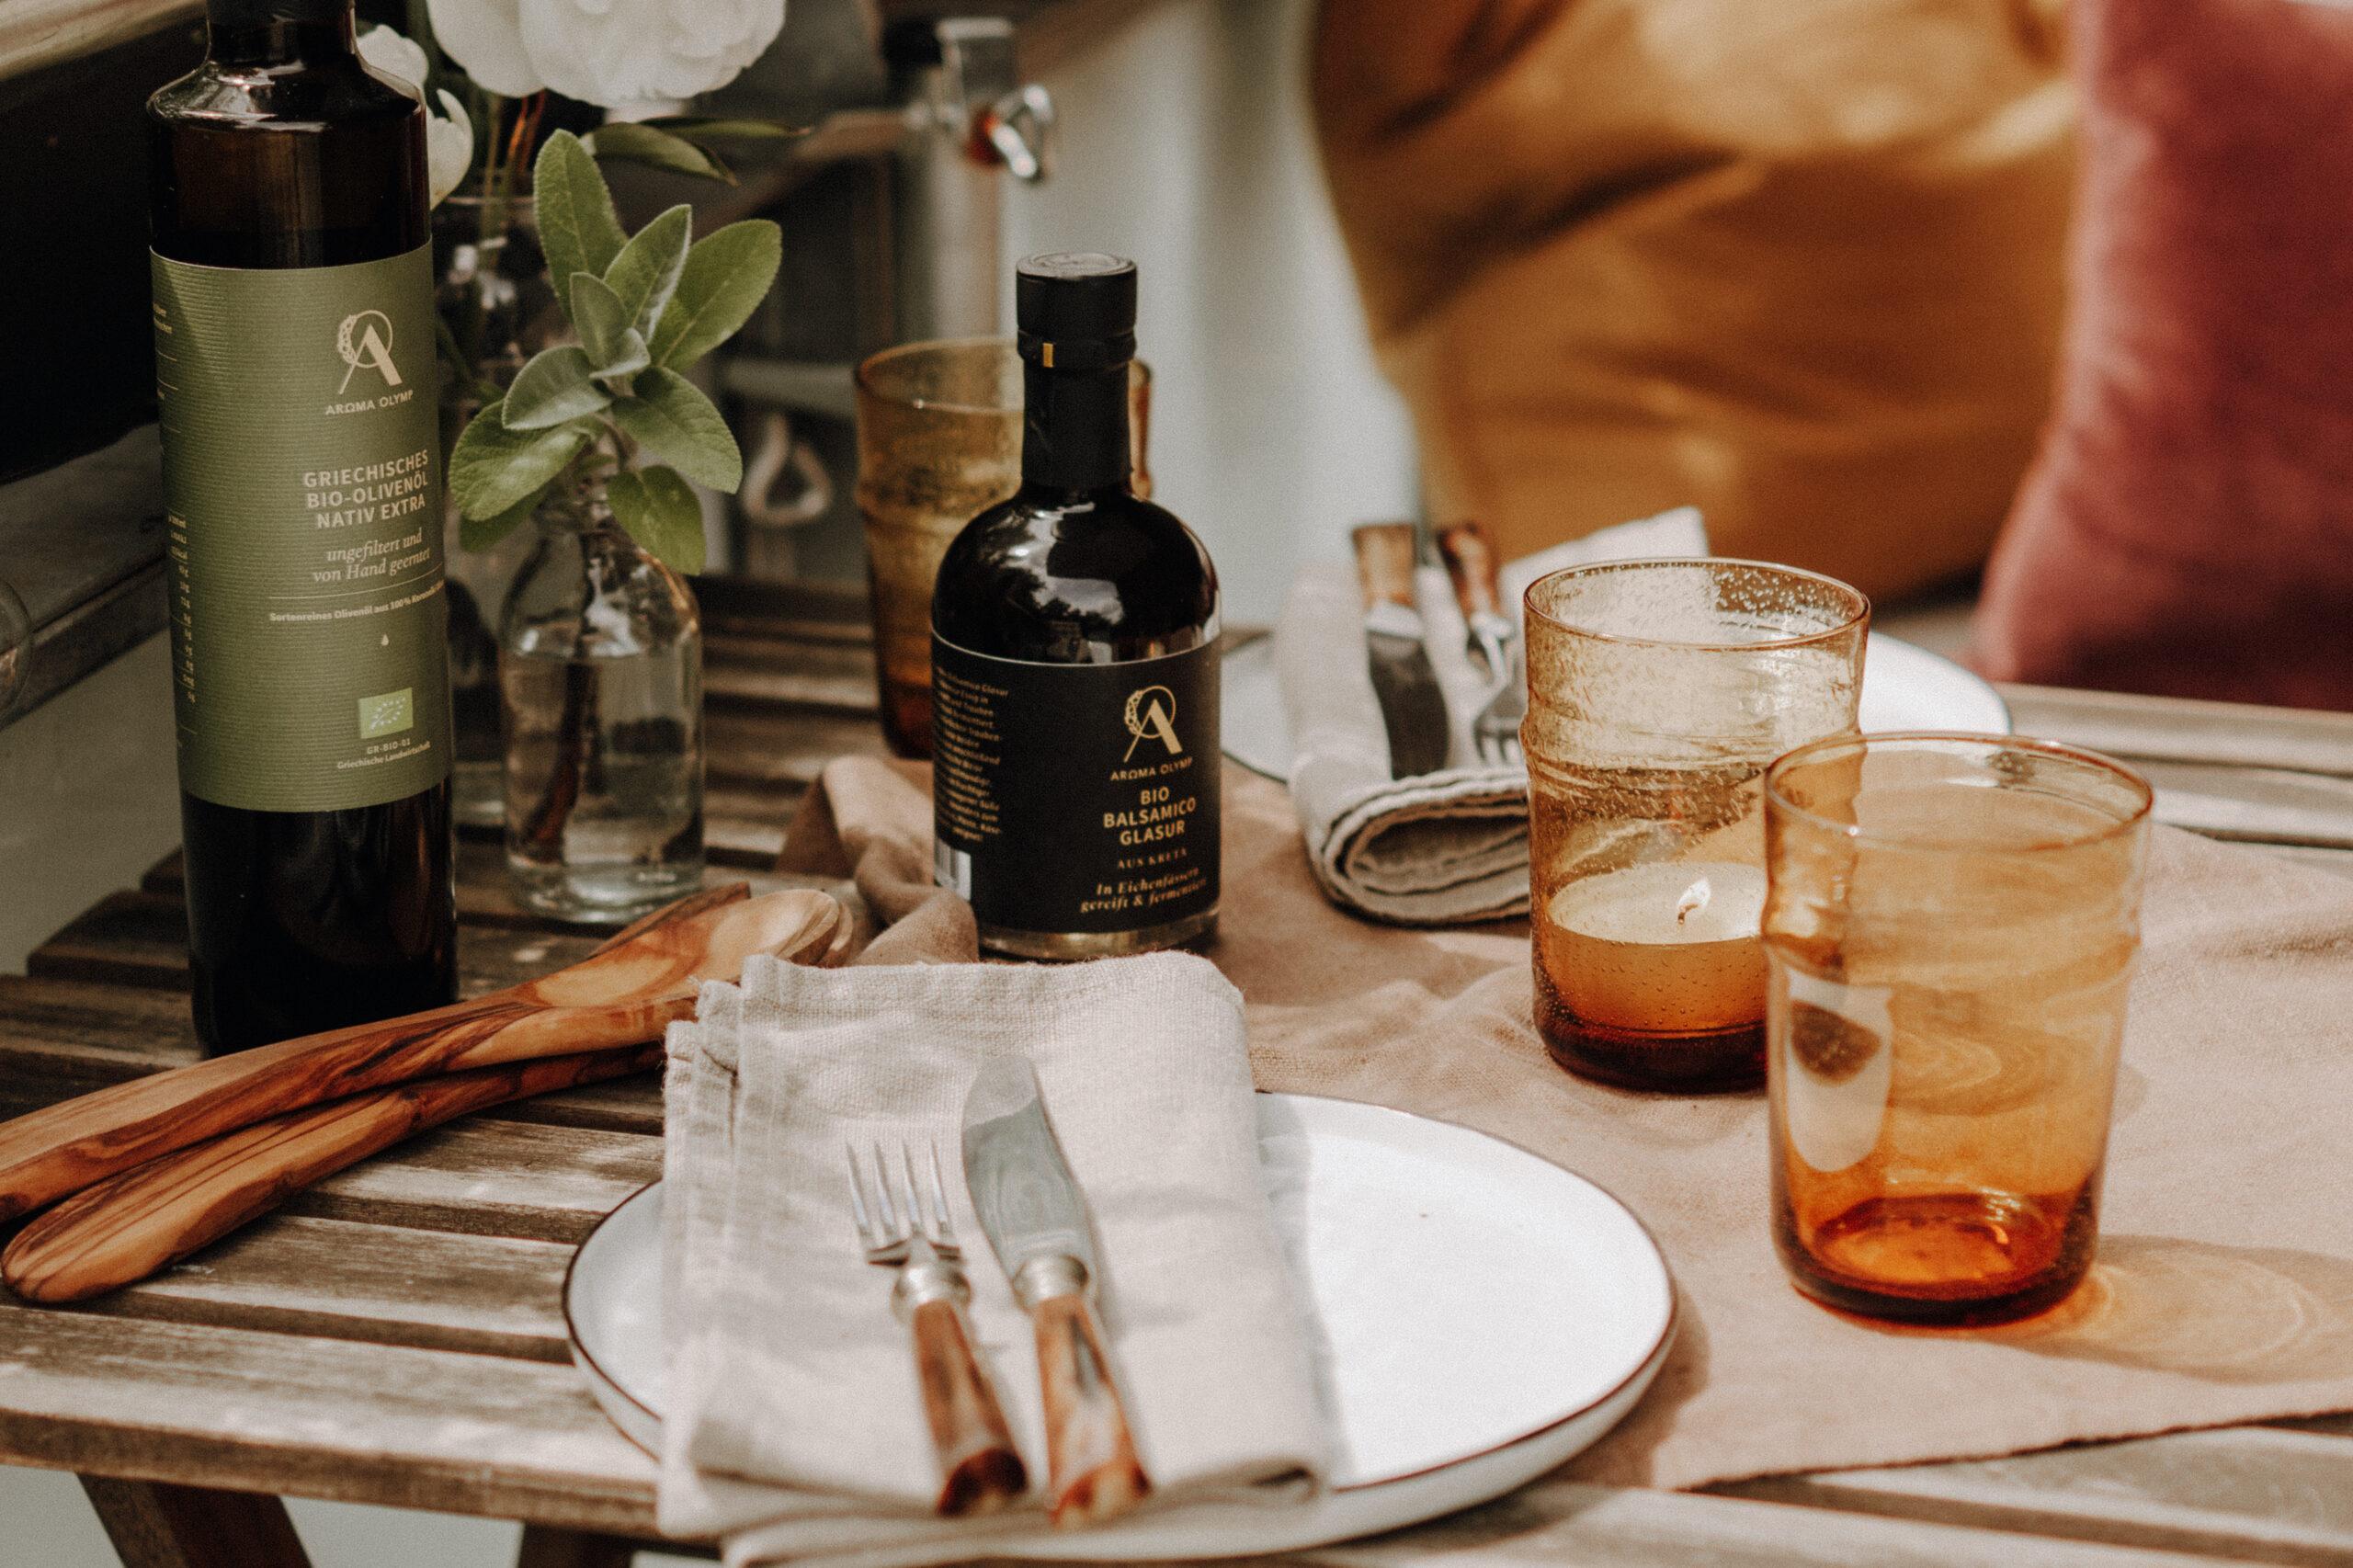 Die perfekten Begleiter für deinen nächsten Grill-Abend – Olivenöl & Balsamico von Aroma Olymp